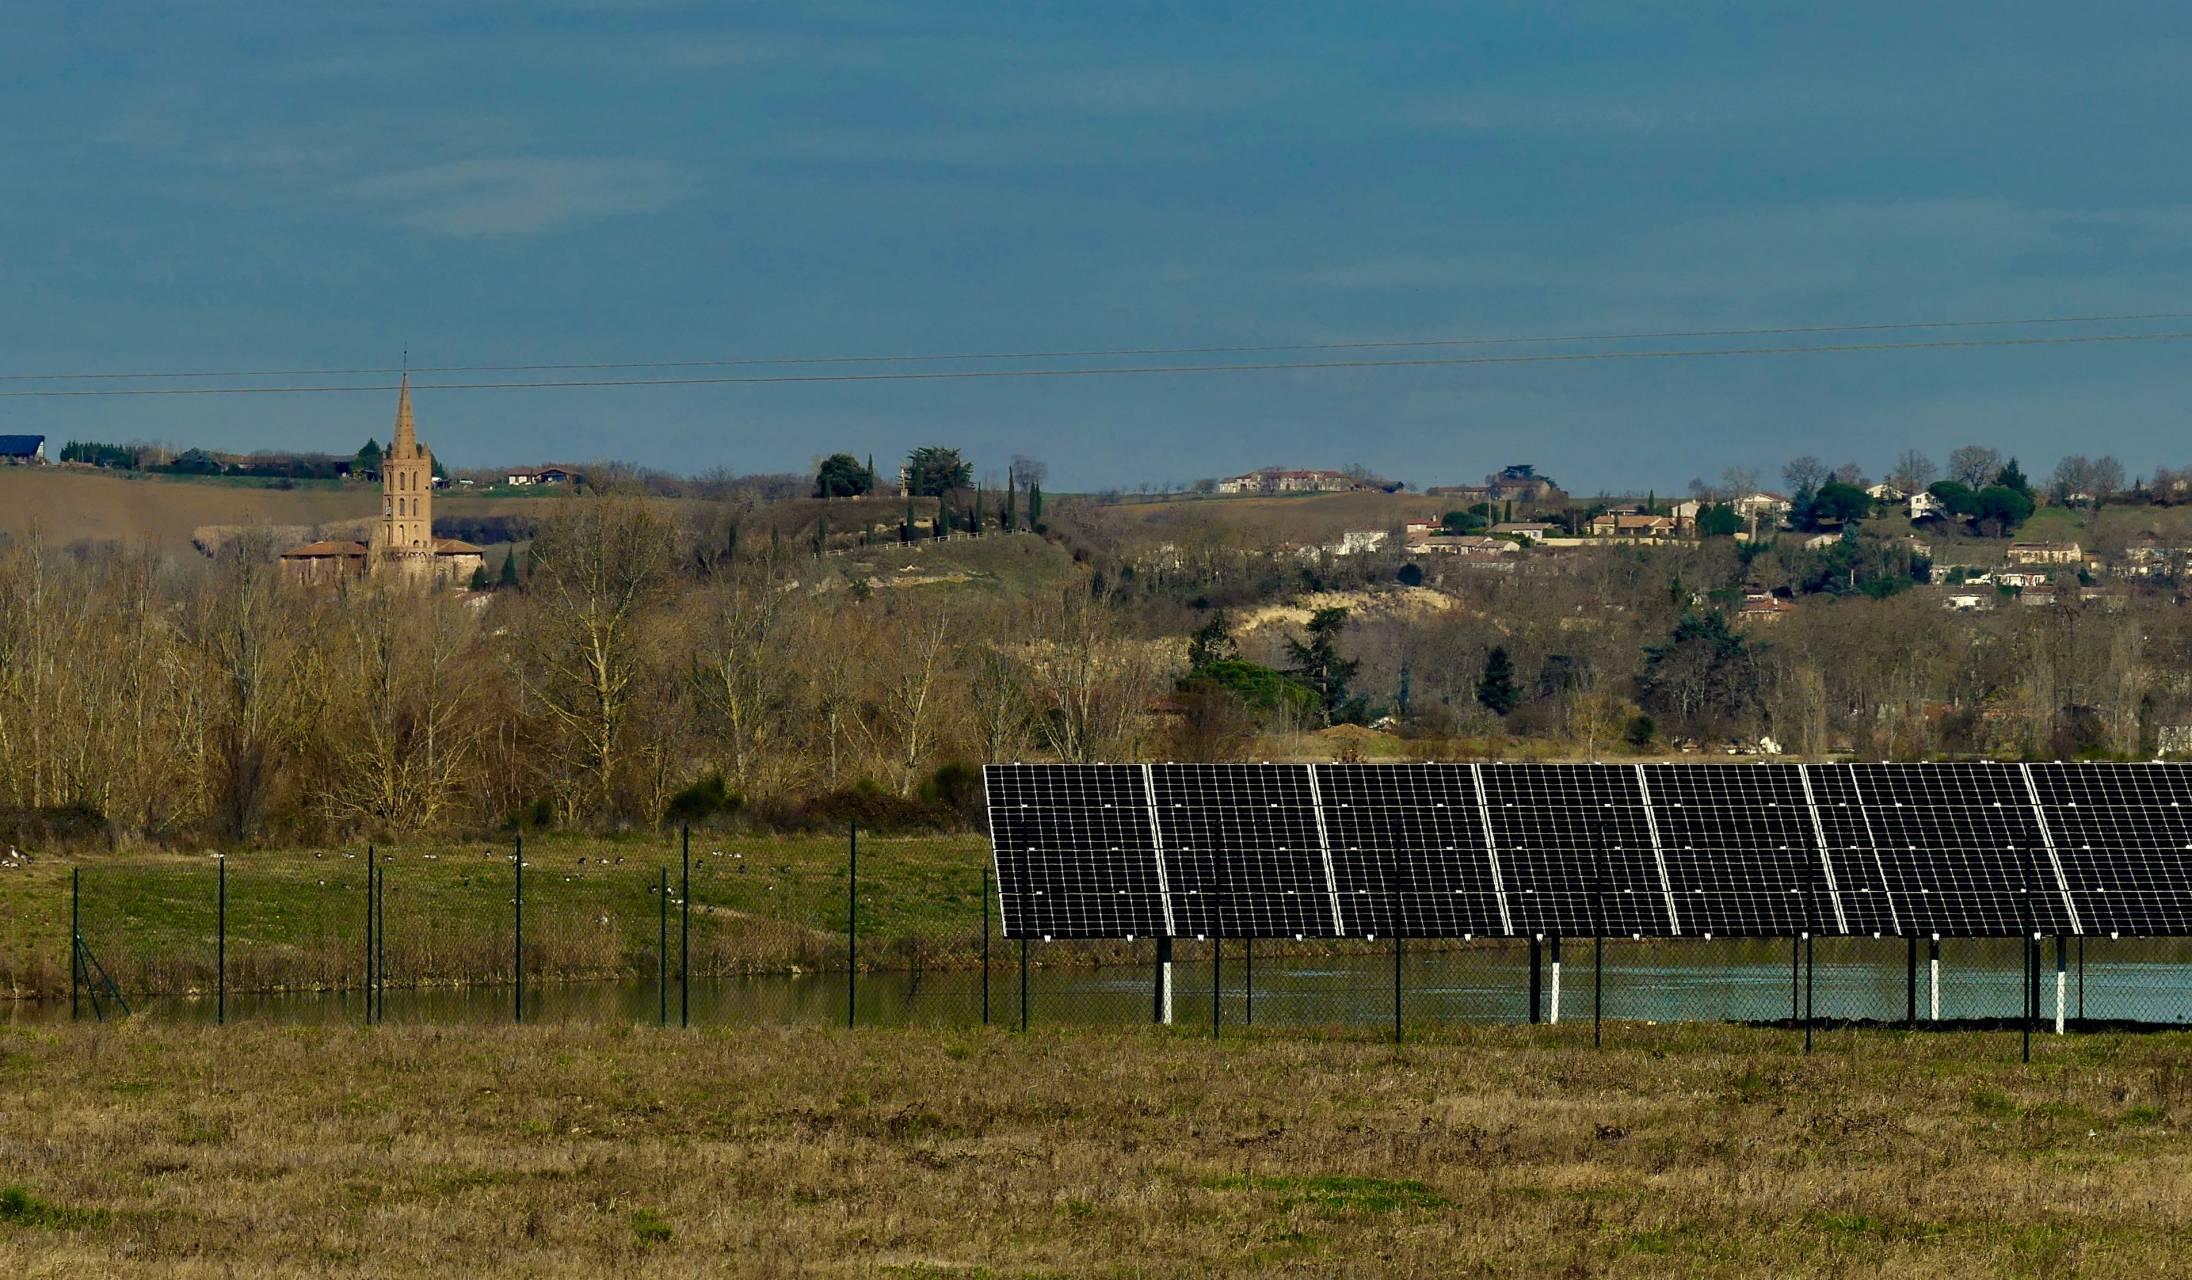 Soleil du midi parc solaire de Cintegabelle fin des travaux